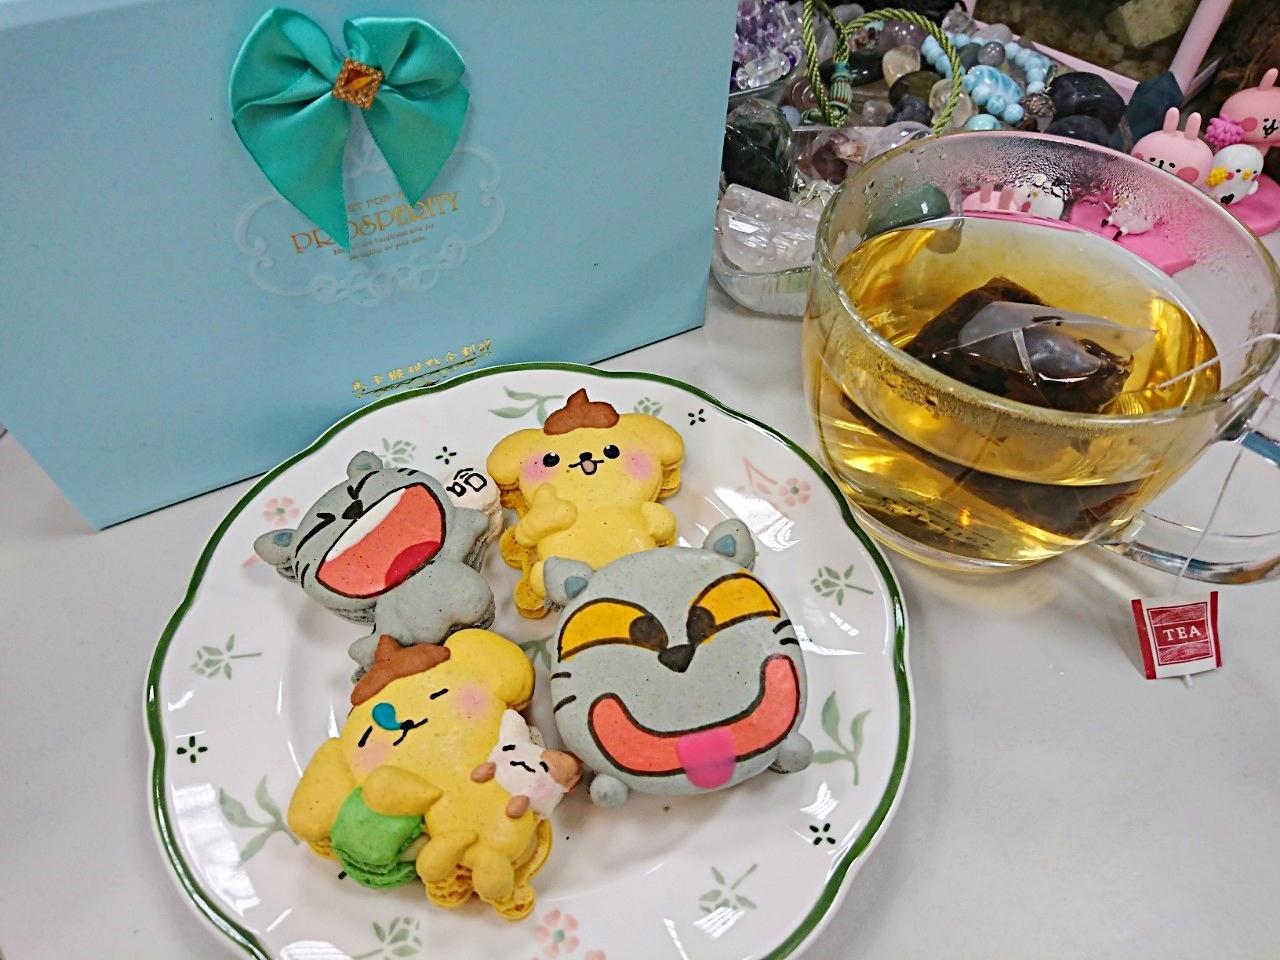 馬卡猴甜點企劃部,客制化可愛馬卡龍~送禮好選擇